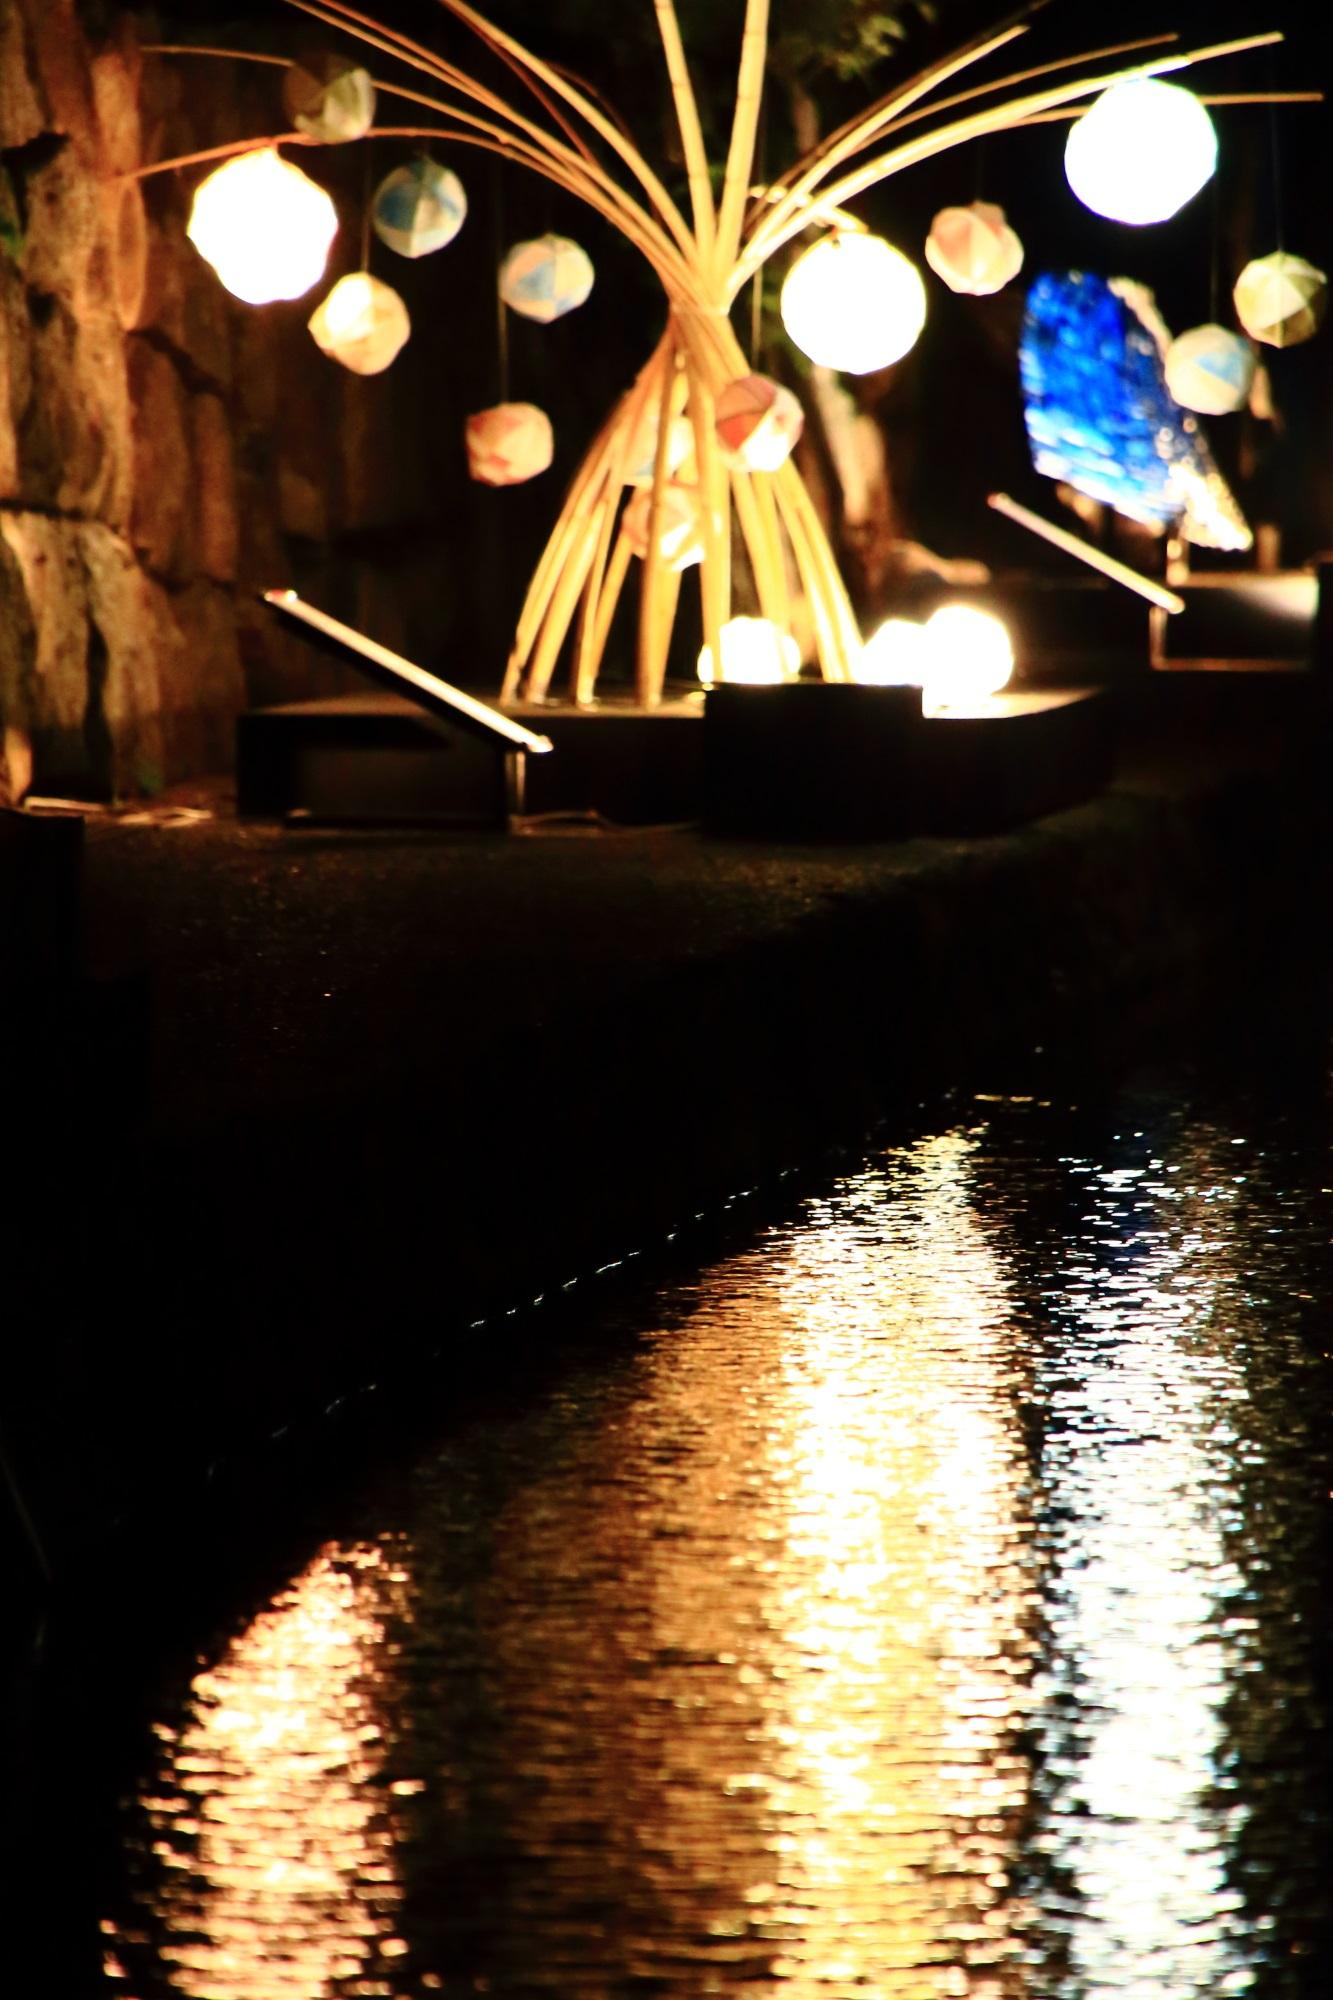 京の七夕堀川会場の竹と光と友禅のアート作品展示